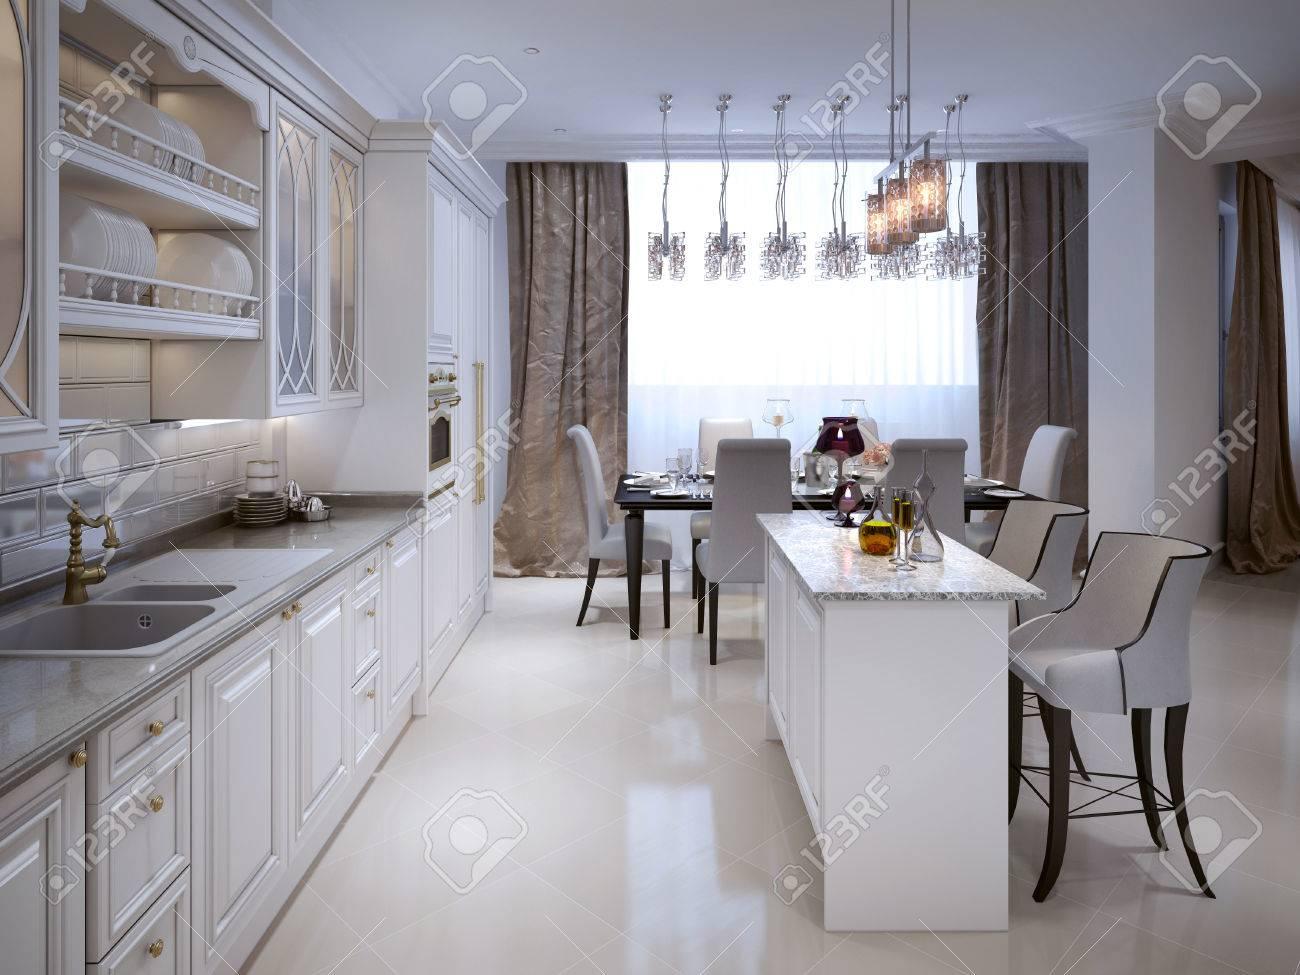 Die Küche Und Esszimmer In Einem Klassischen Stil. Die Weiße Farbe ...